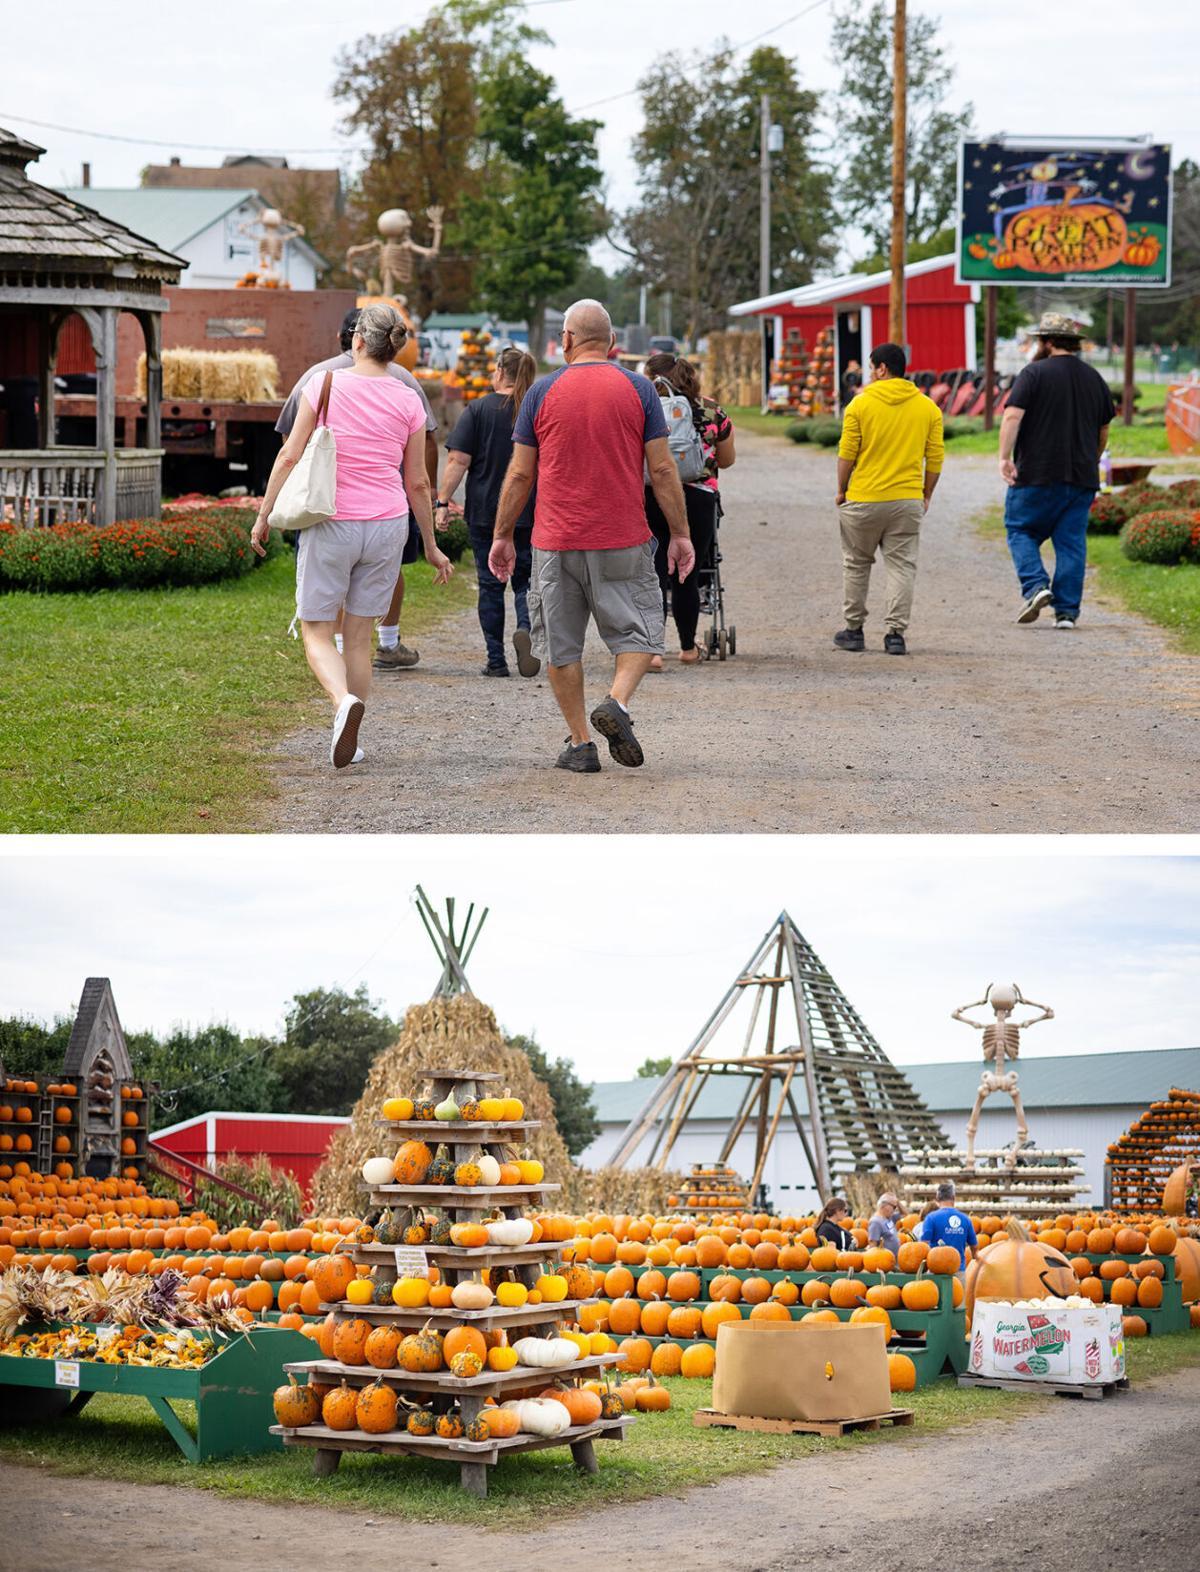 Great Pumpkin Farm visitors